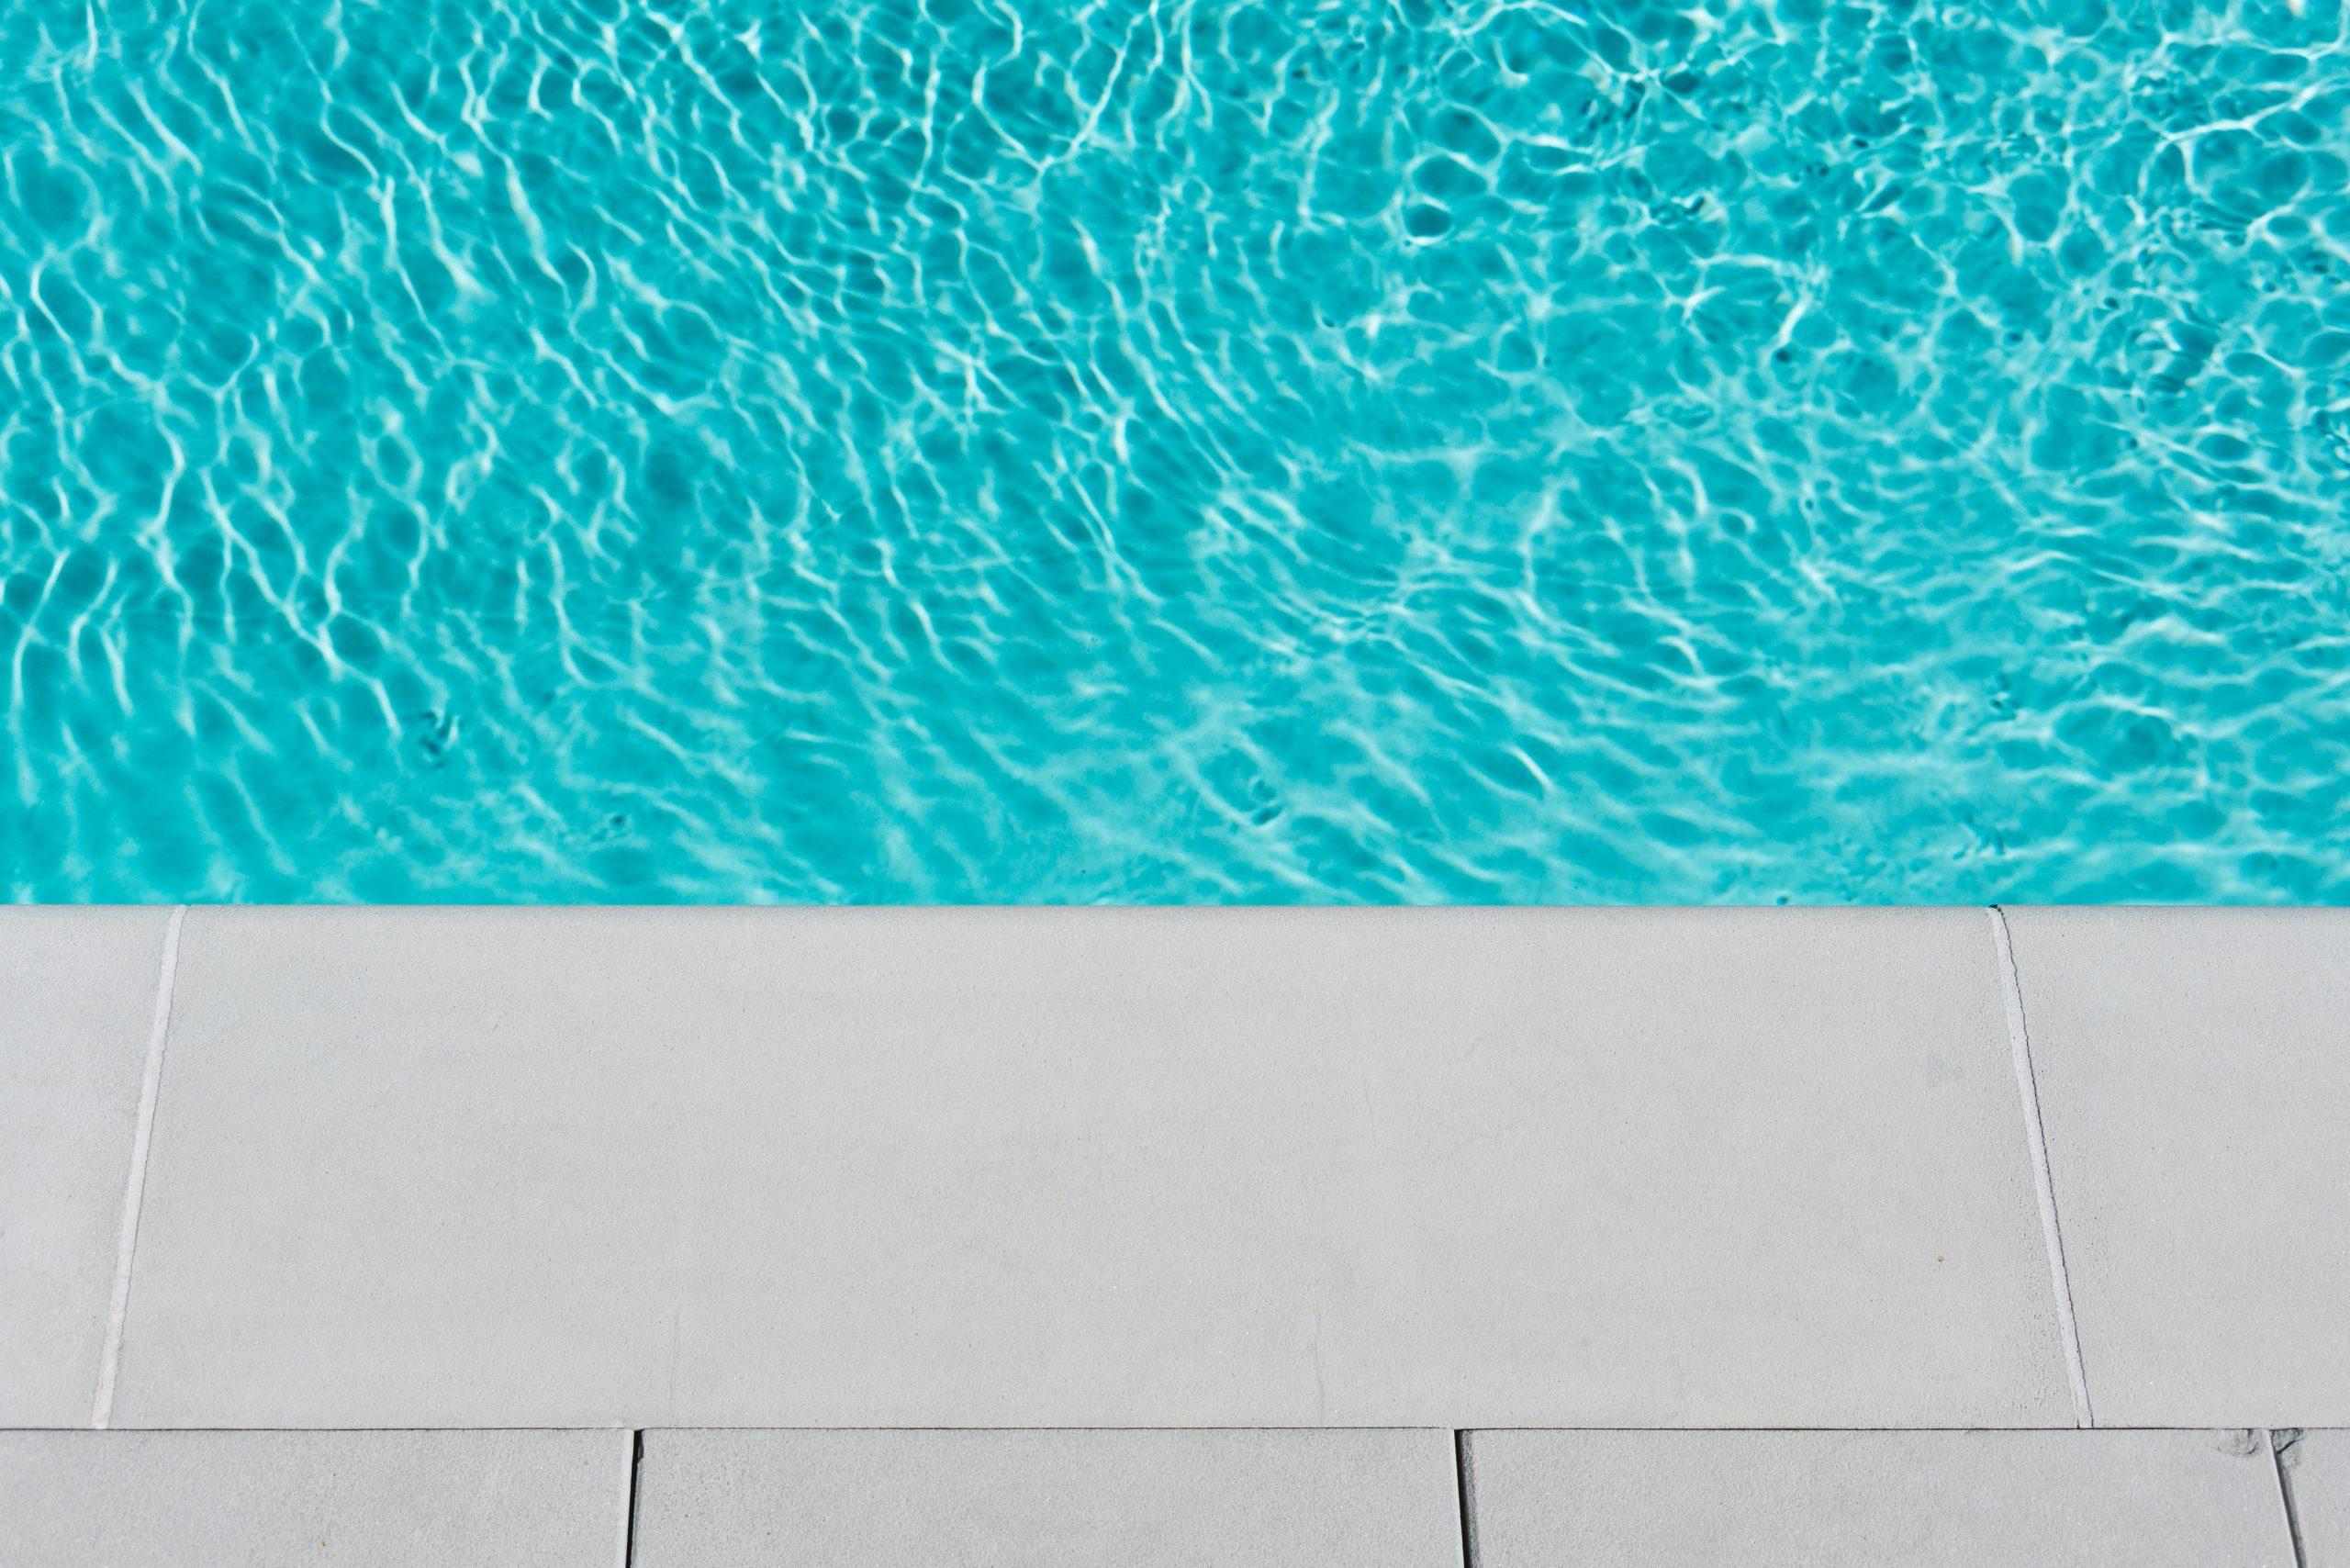 Comment trouver le bon pisciniste en ligne ?